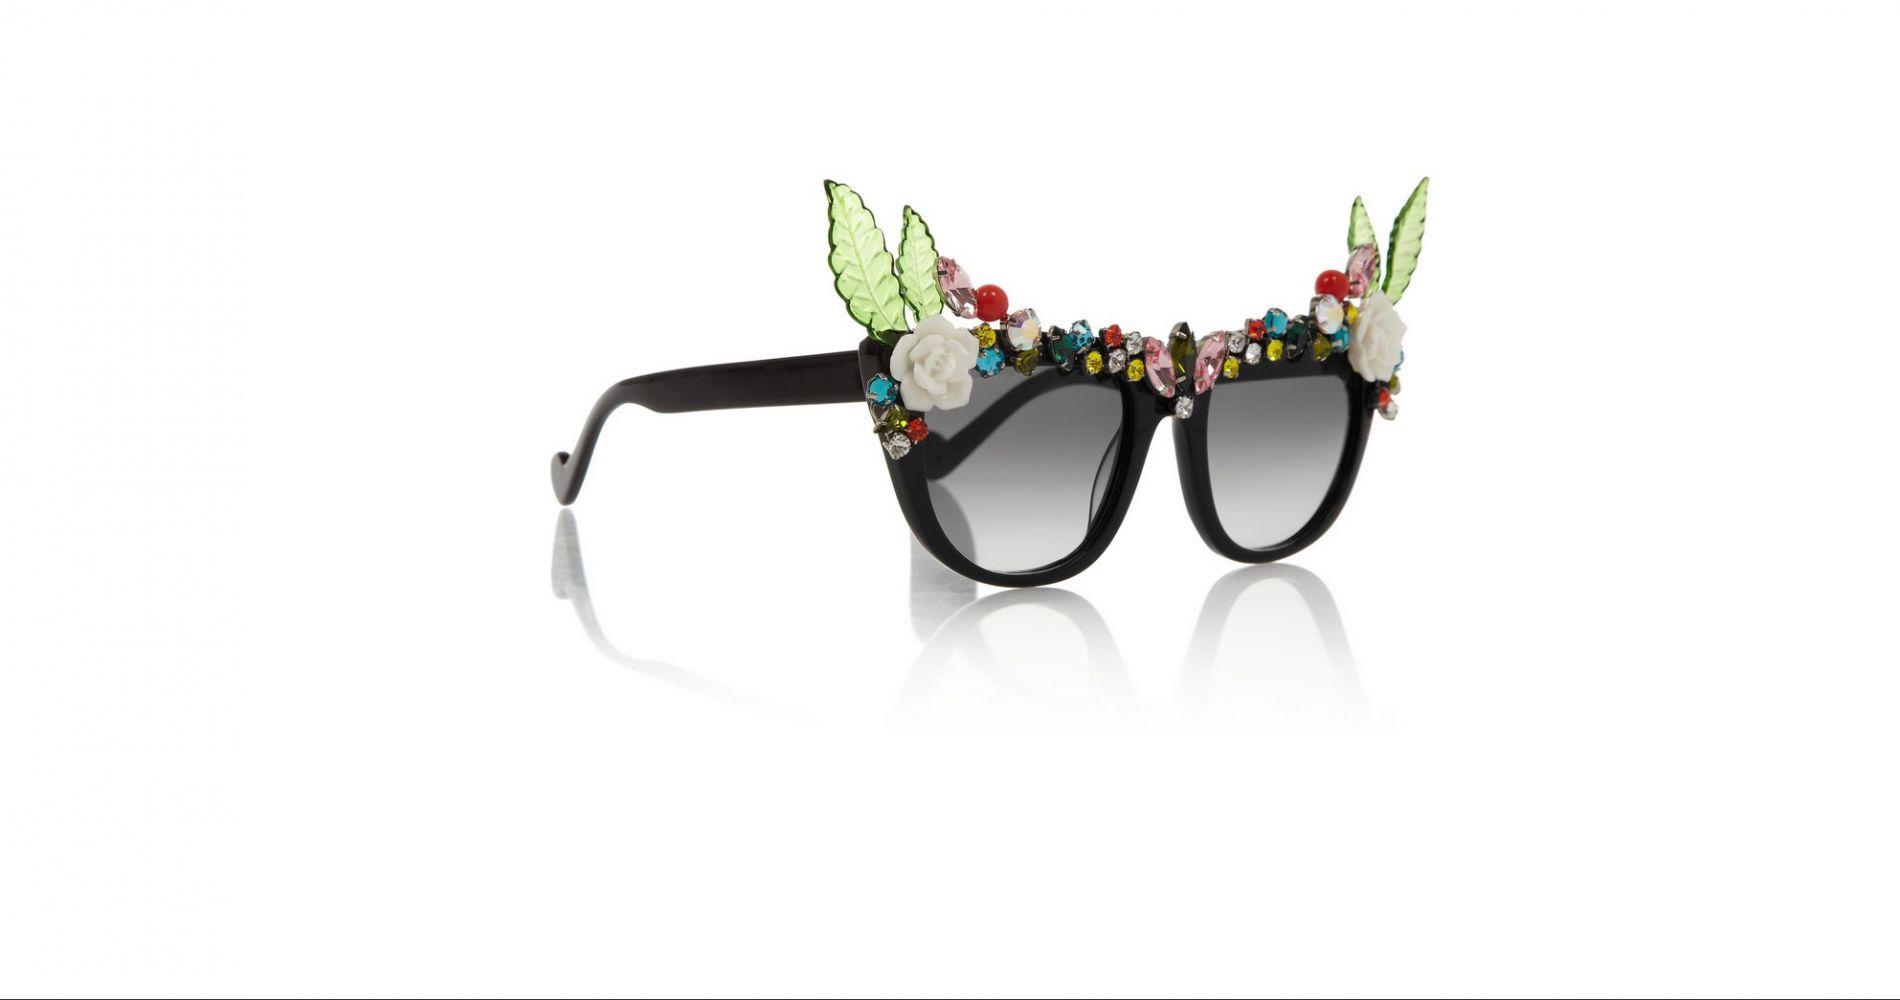 12 lunettes de soleil fun et mode pour se faire remarquer